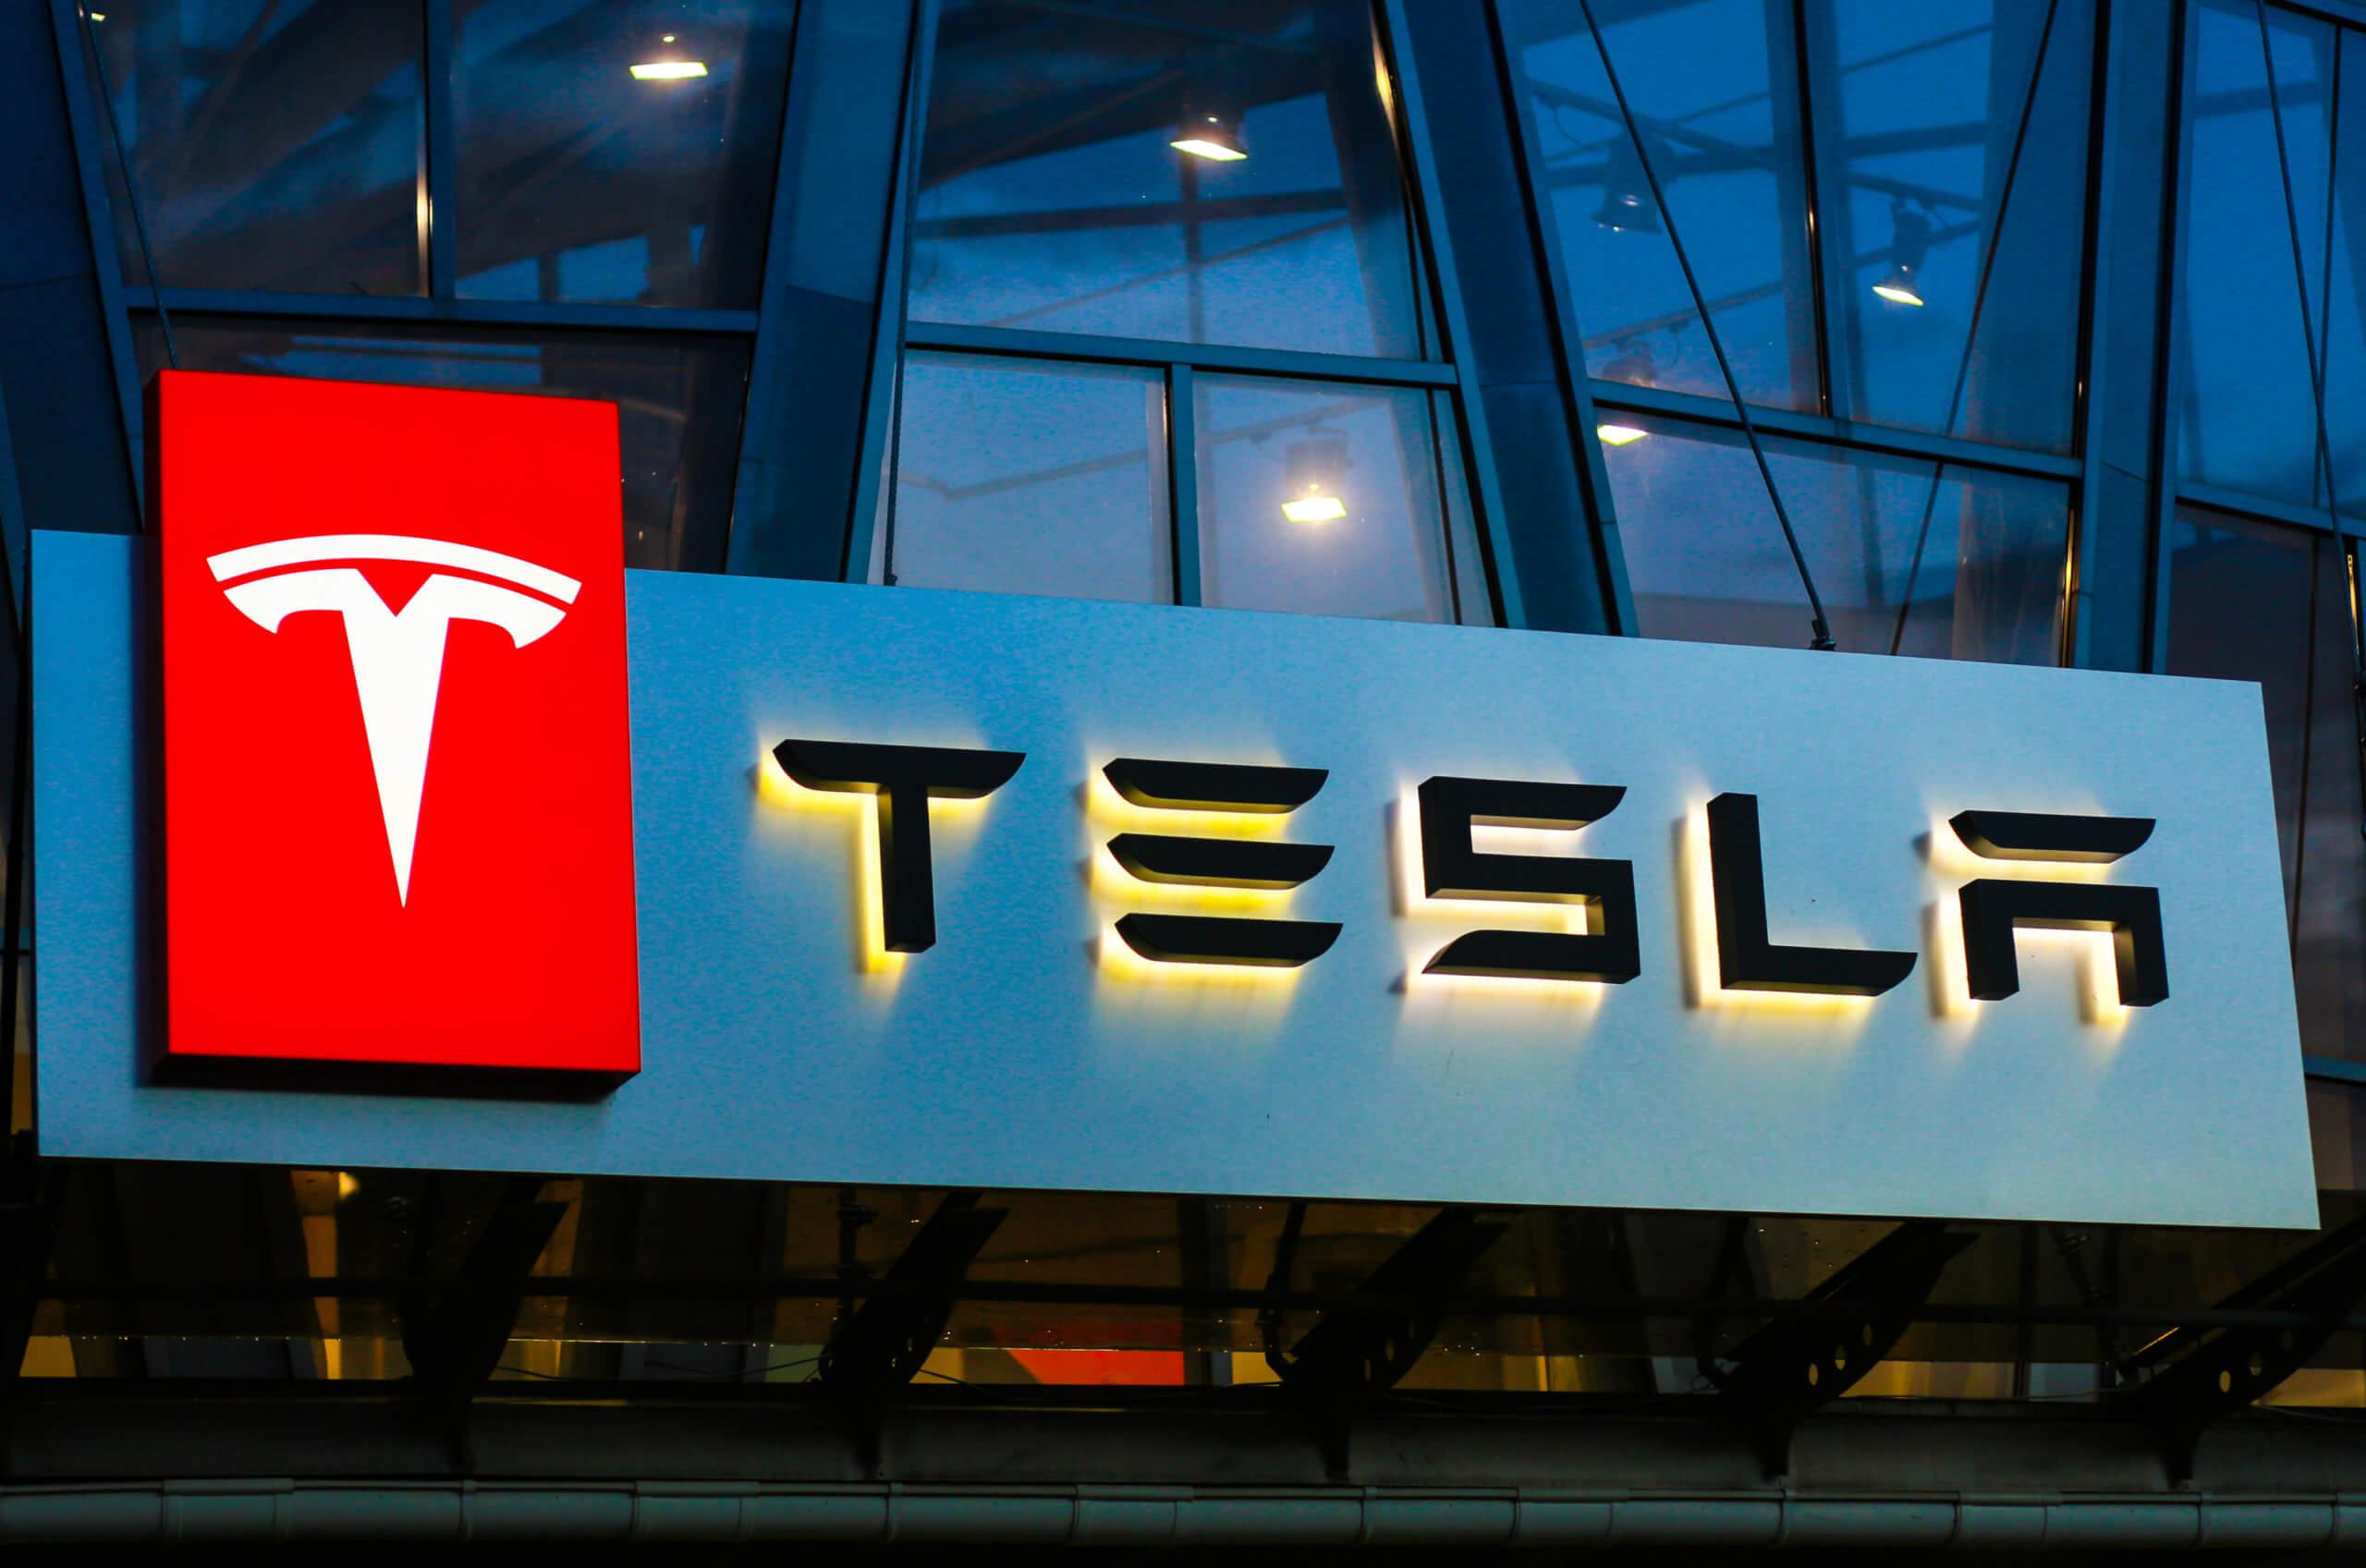 Tesla delivered 201,250 cars in Q2 of 2021